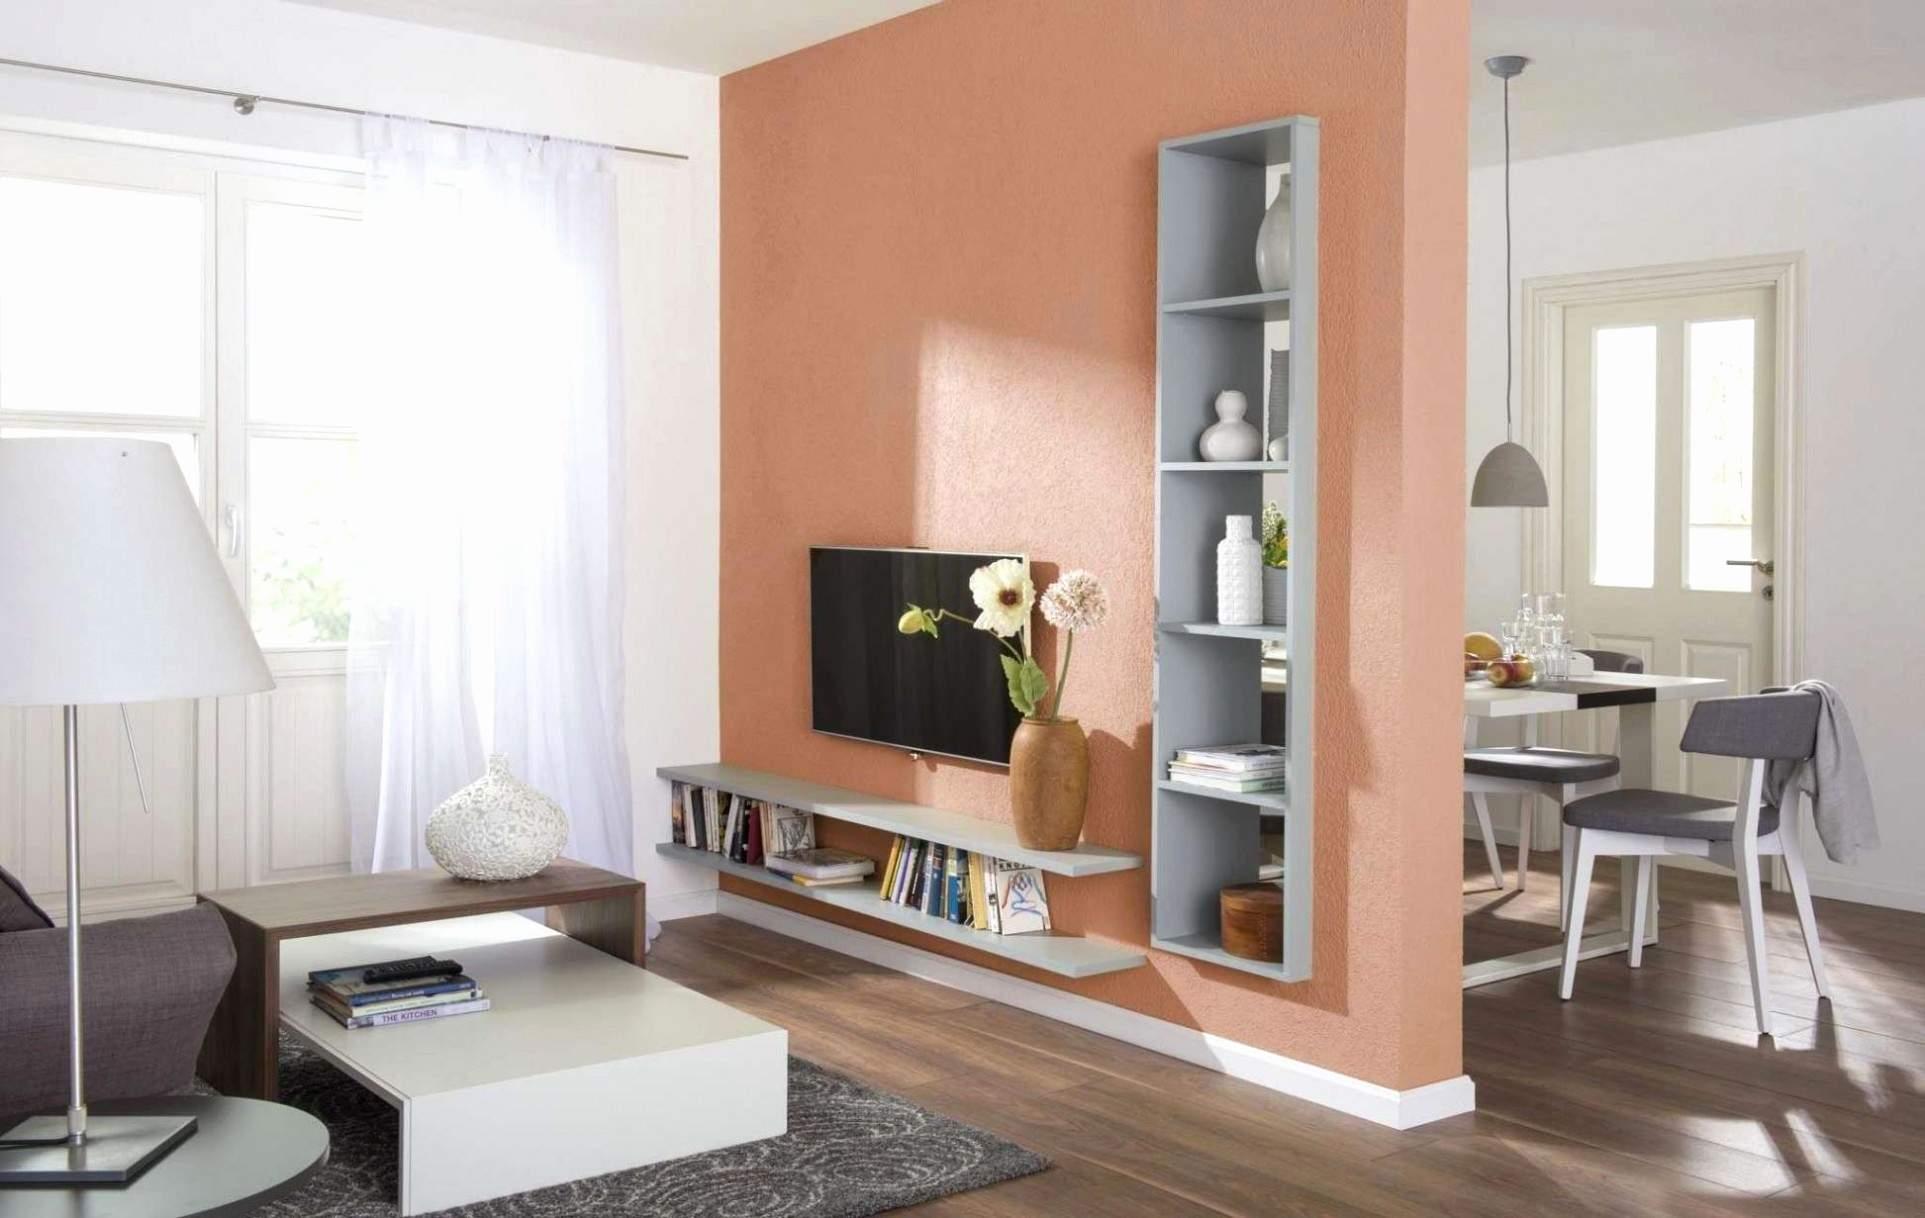 Full Size of Küche Wandfarbe Hängeschränke Kaufen Mit Elektrogeräten Holz Modern Unterschränke Einbauküche Ohne Kühlschrank Fliesenspiegel Selber Machen Griffe Wohnzimmer Küche Wandfarbe